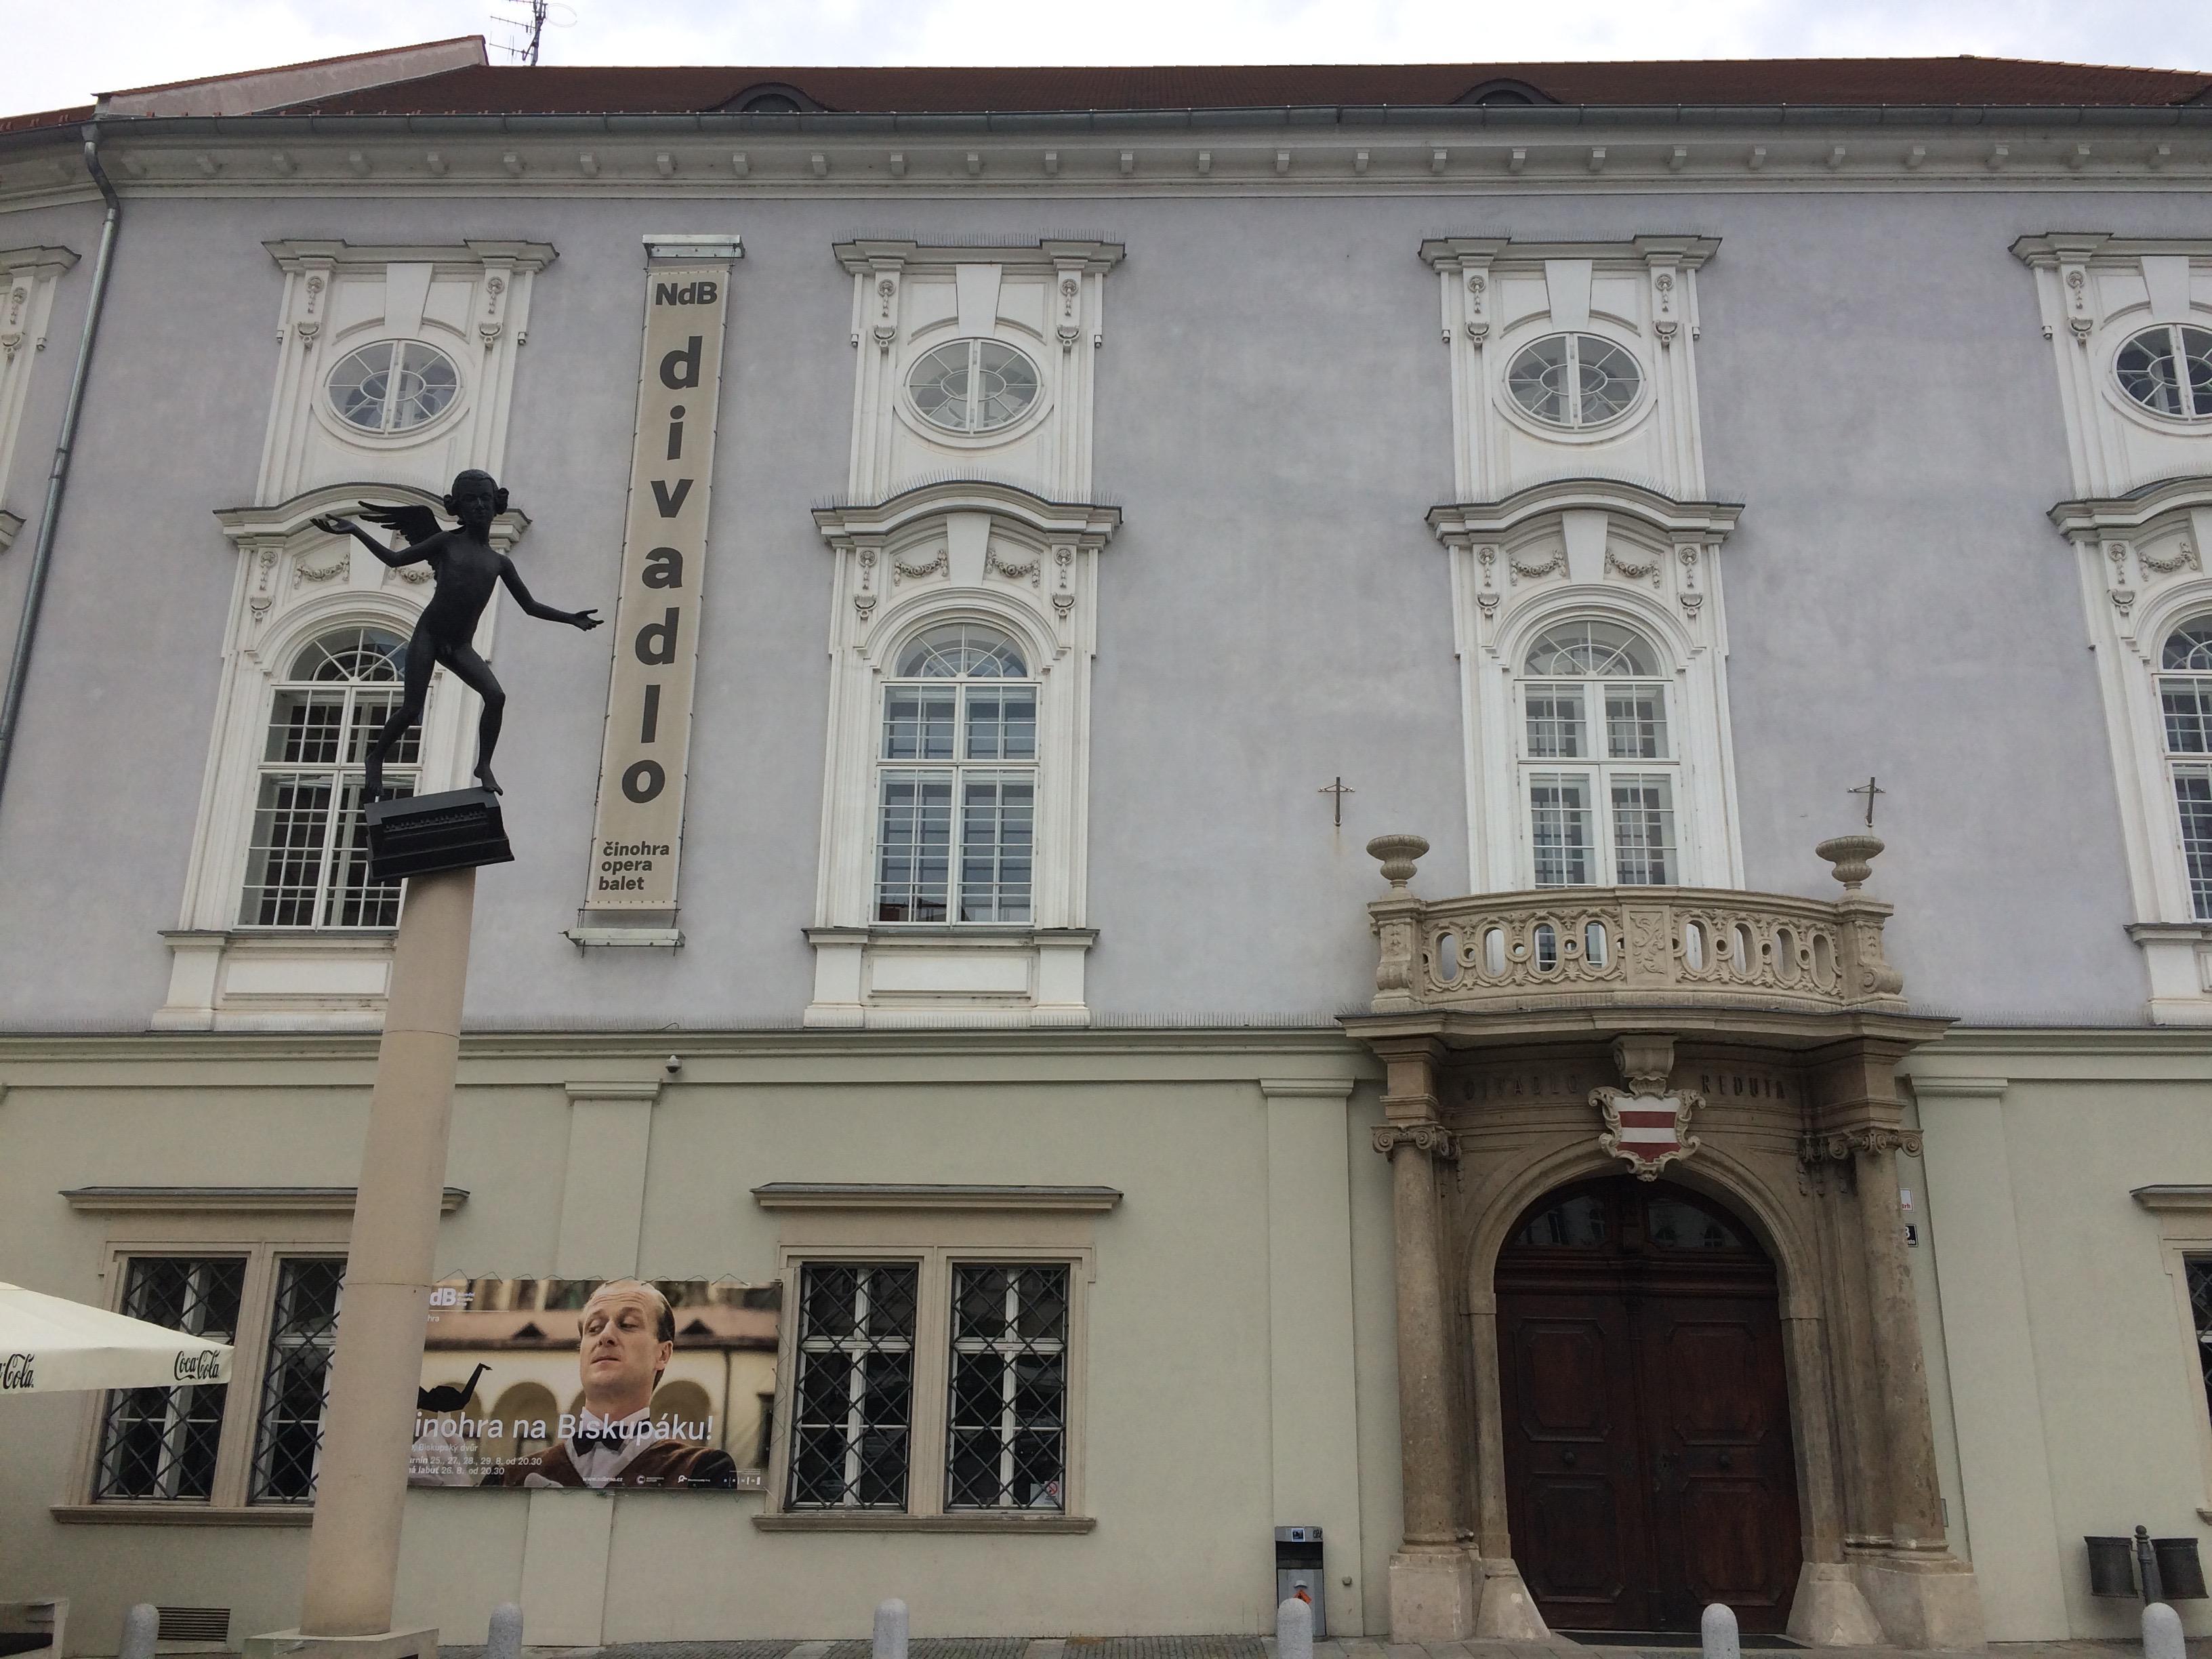 Czech Republic Brno Reduta Theatre Mozart Statue